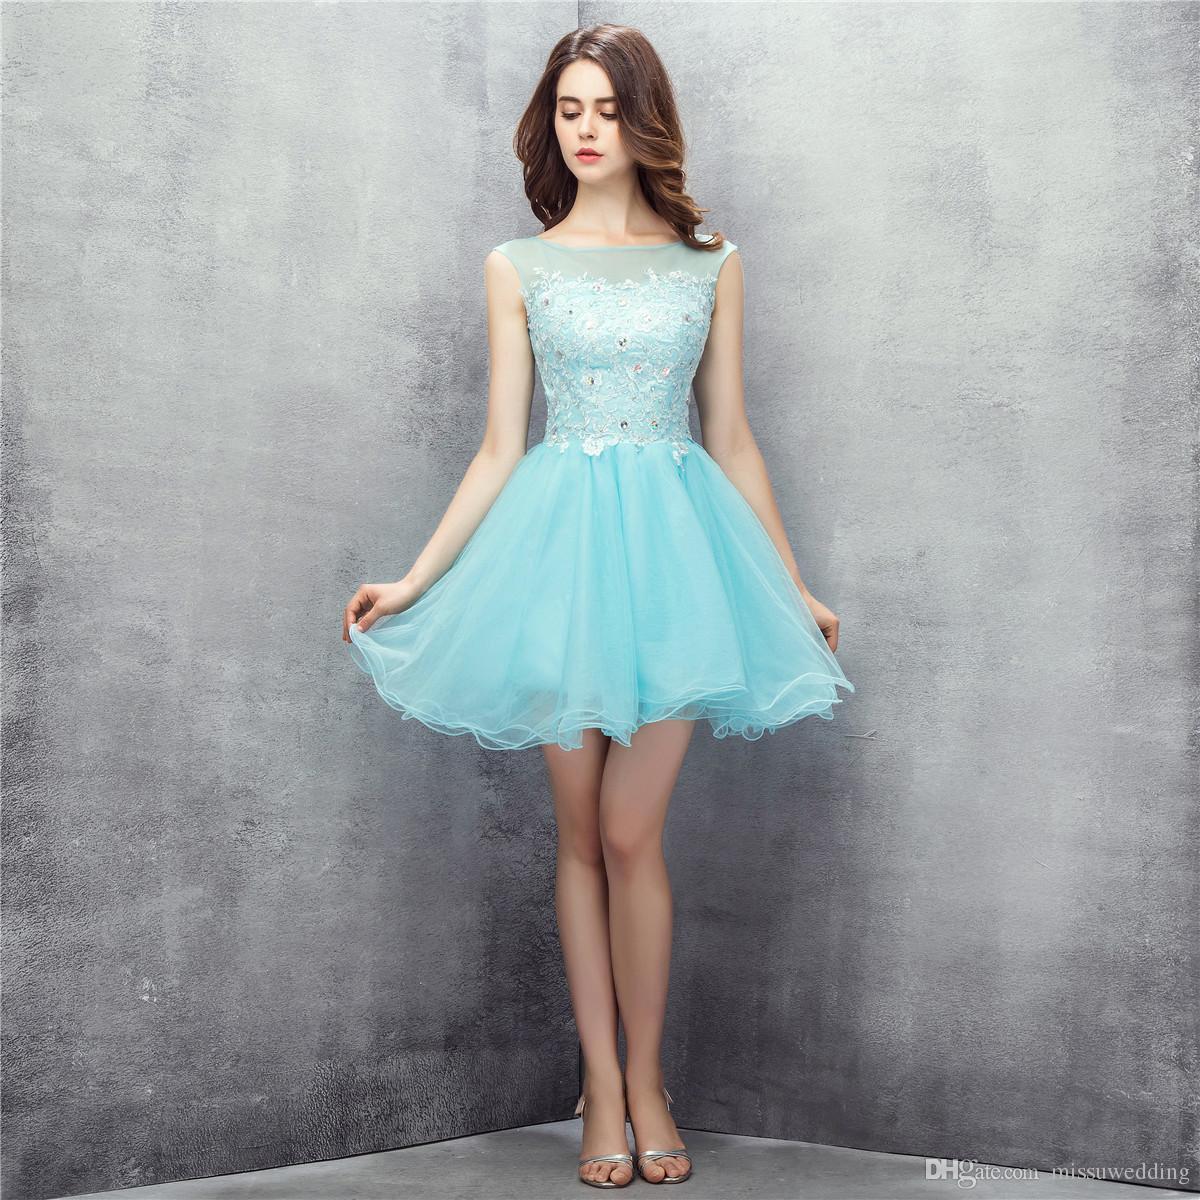 Ungewöhnlich Blue Party Dress Girls Zeitgenössisch - Hochzeit Kleid ...